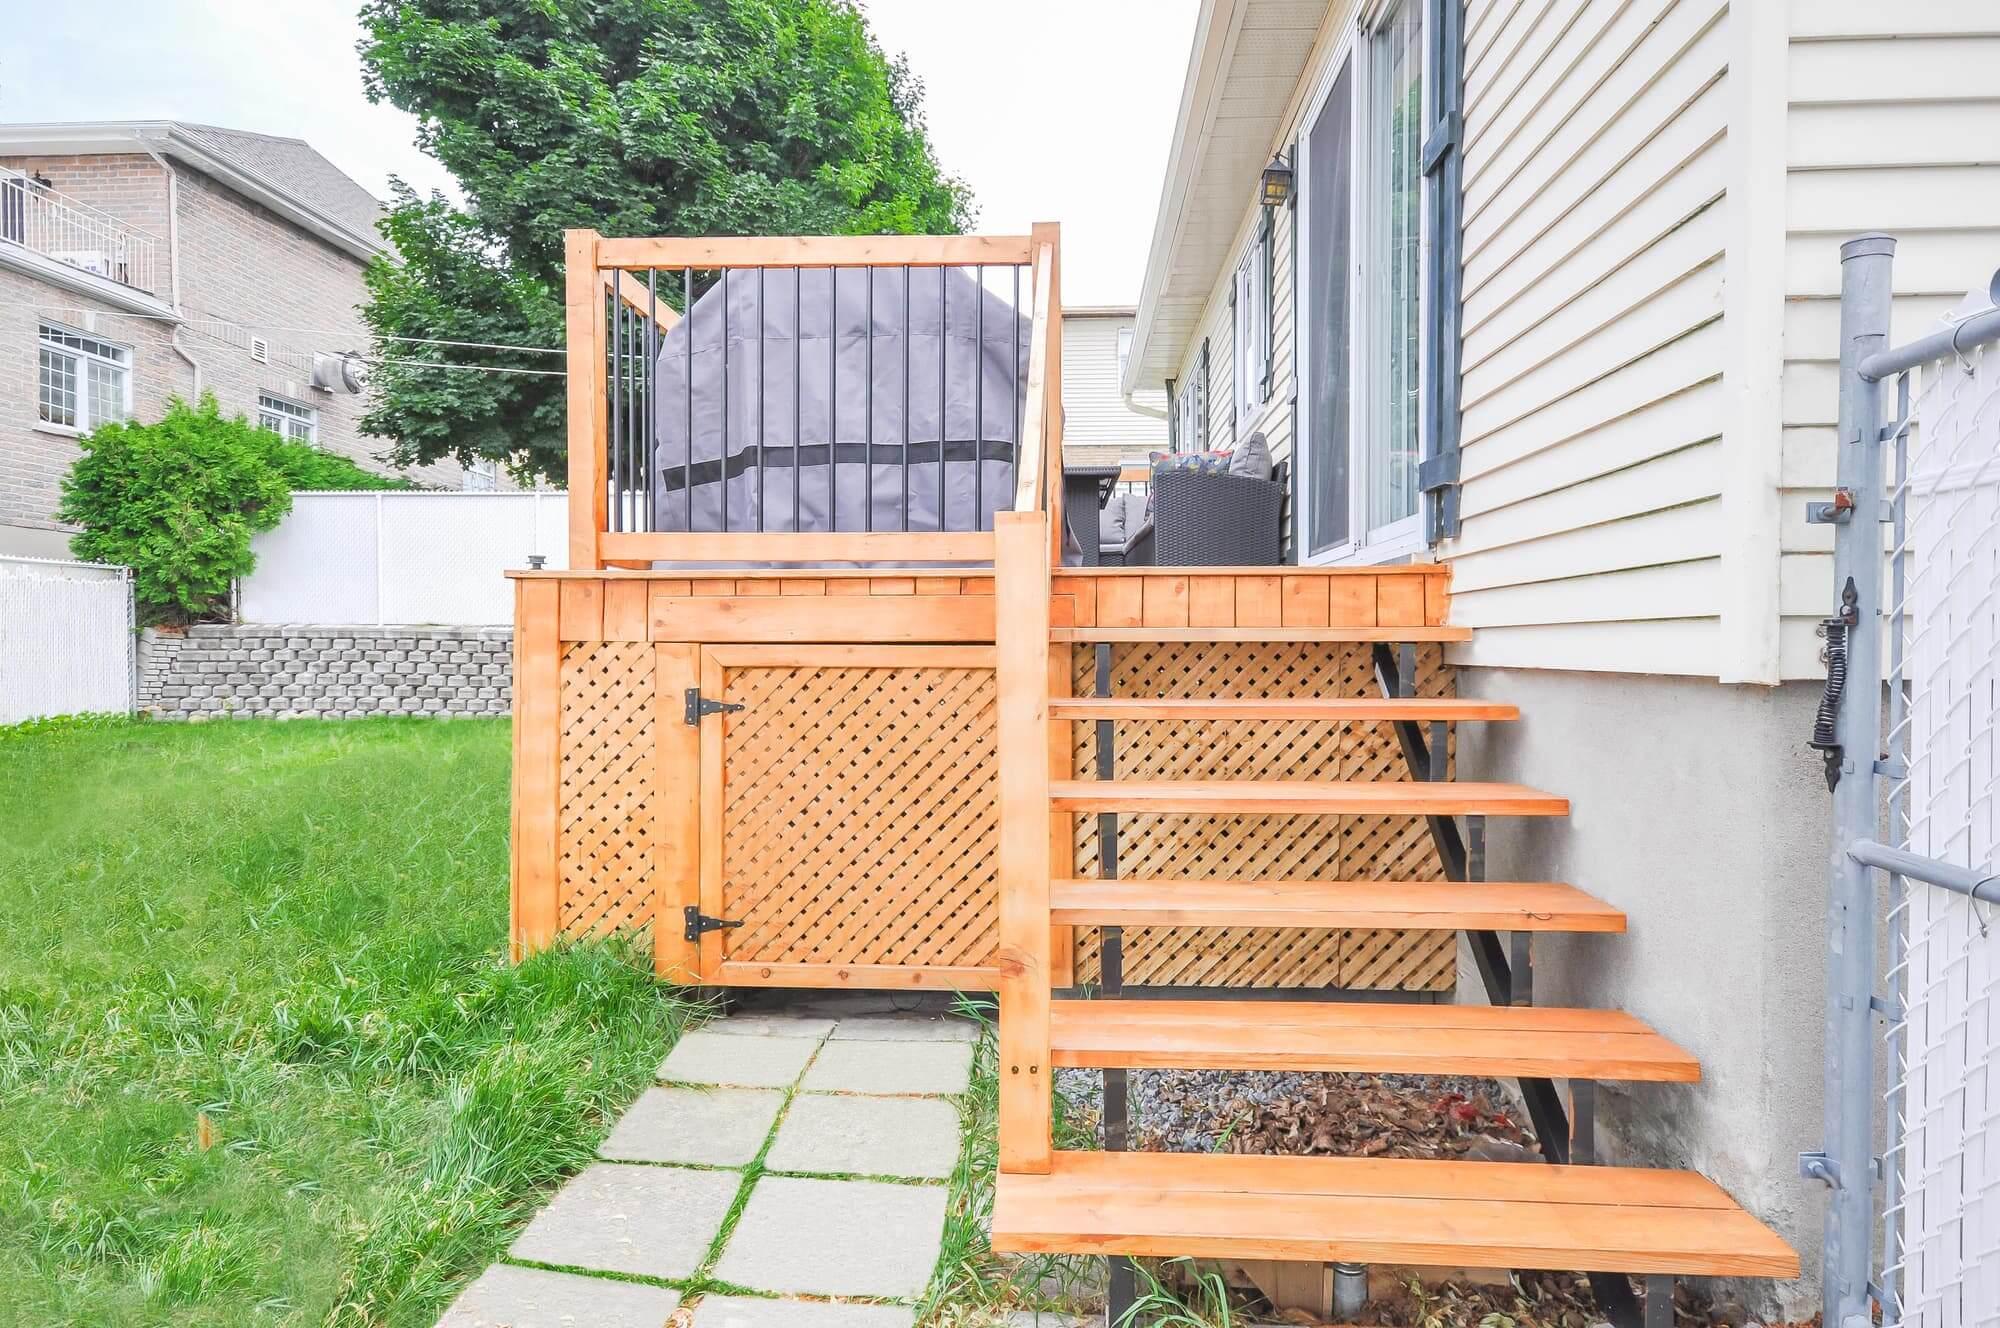 Construction de patio en bois traité - vue sur les marches